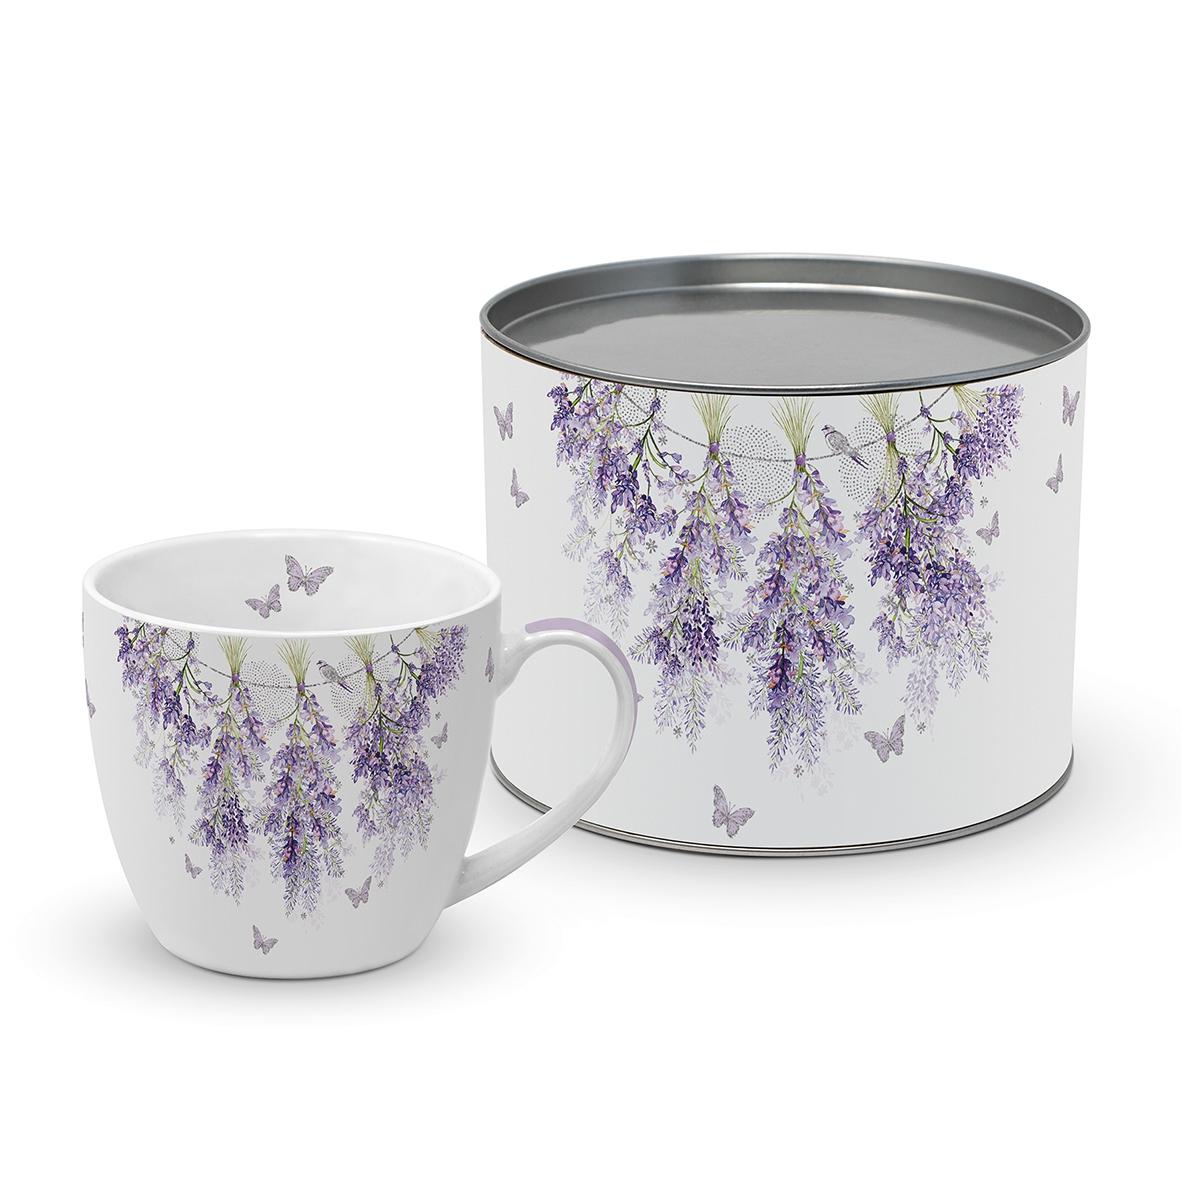 Tazza di porcellana - Big Mug GB Hanging Lavender